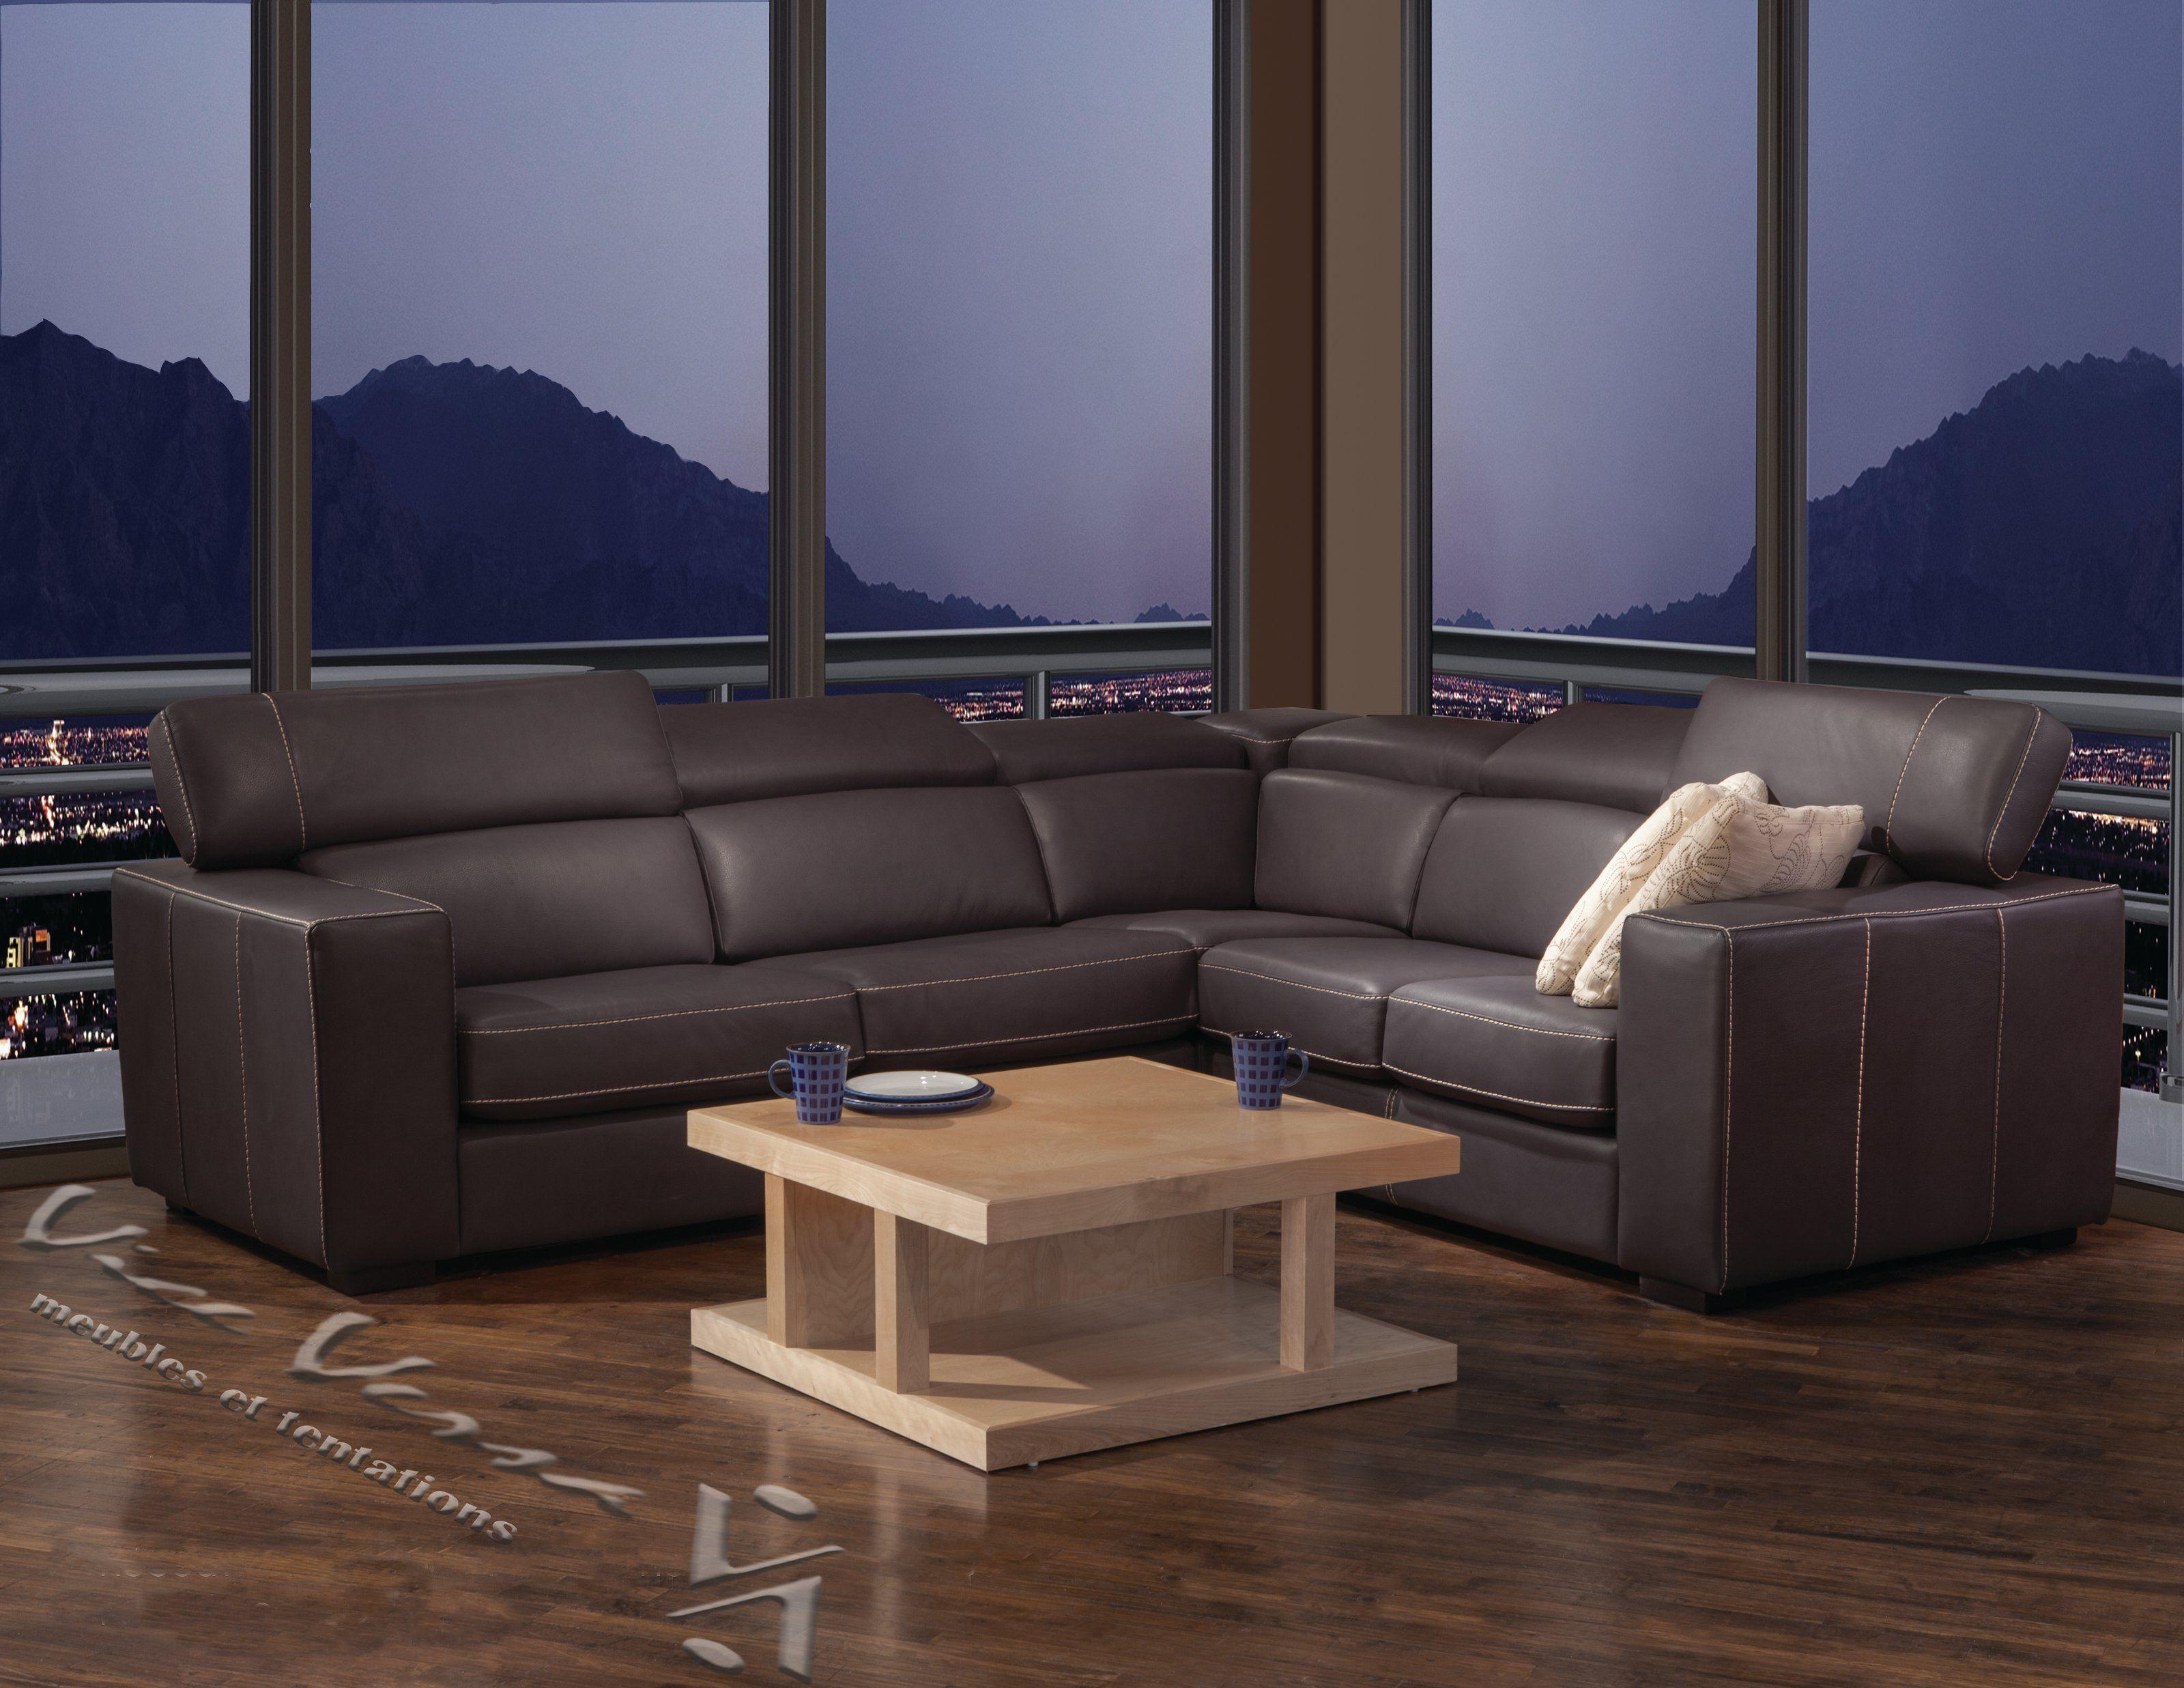 meuble vice versa canape et emsemble de meubles pour le With tapis couloir avec canape sofa